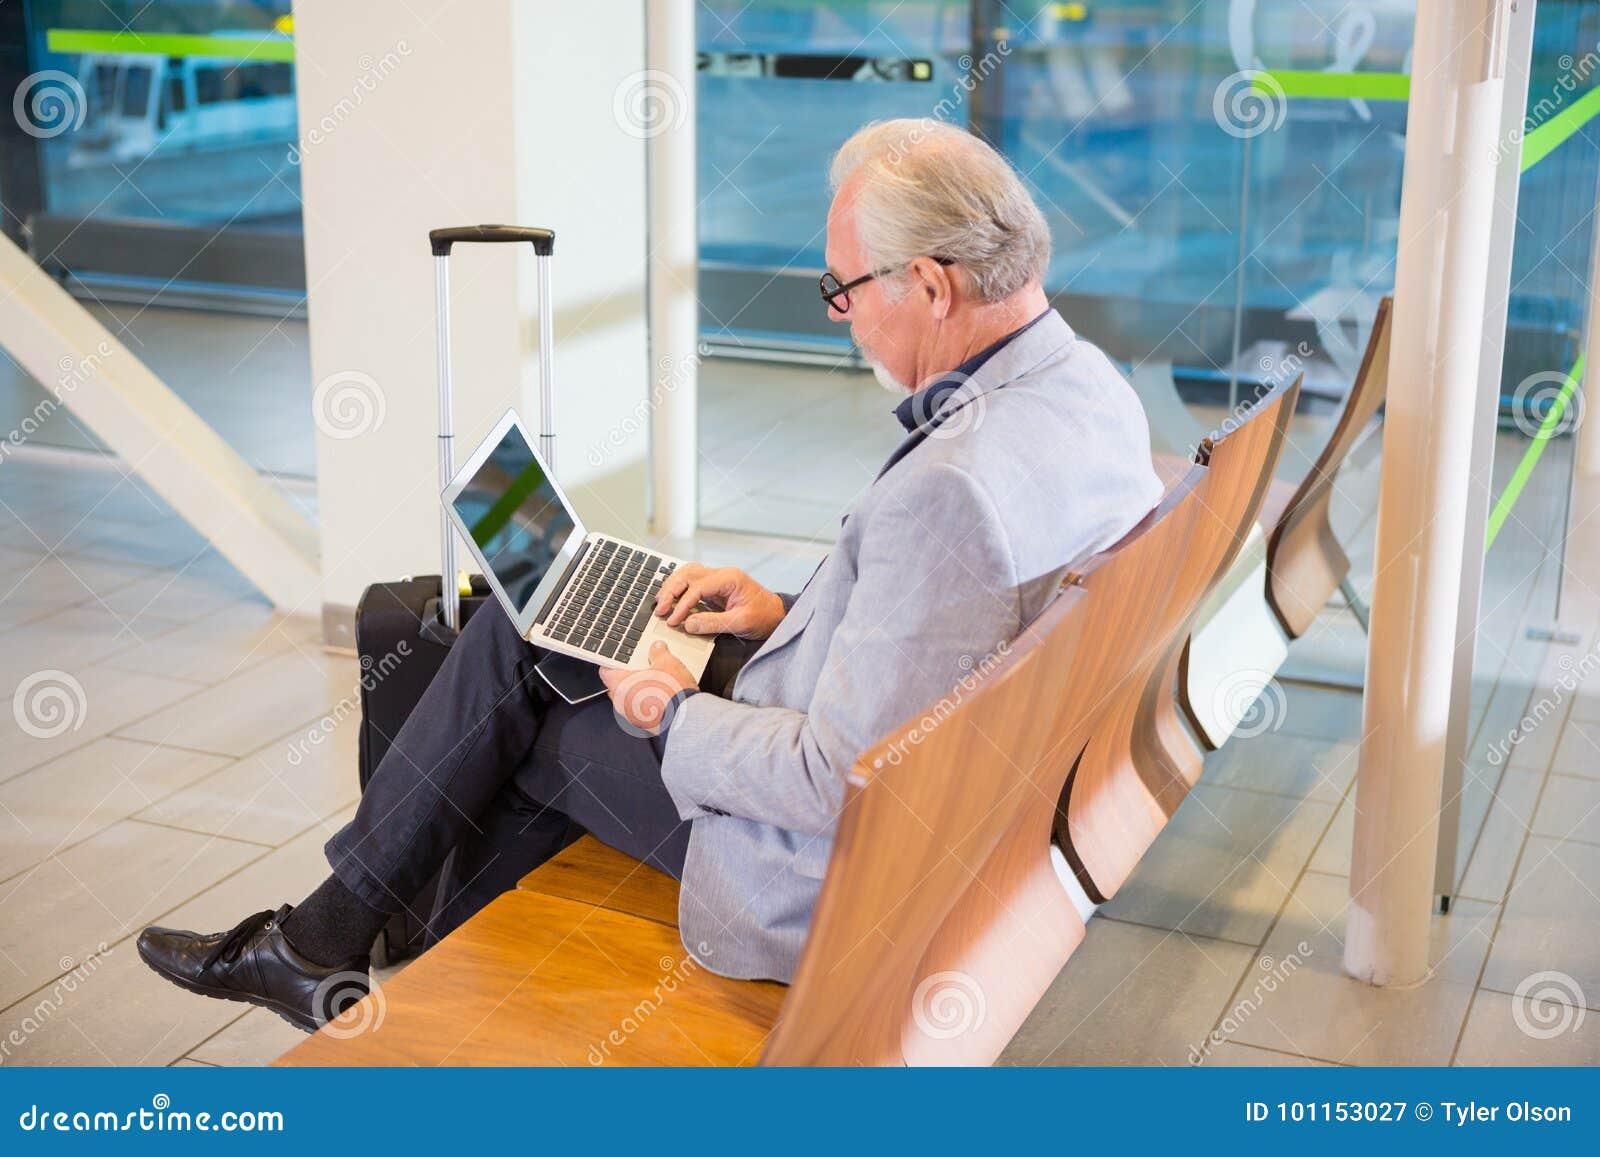 Terminal d aéroport d Using Laptop At d homme d affaires